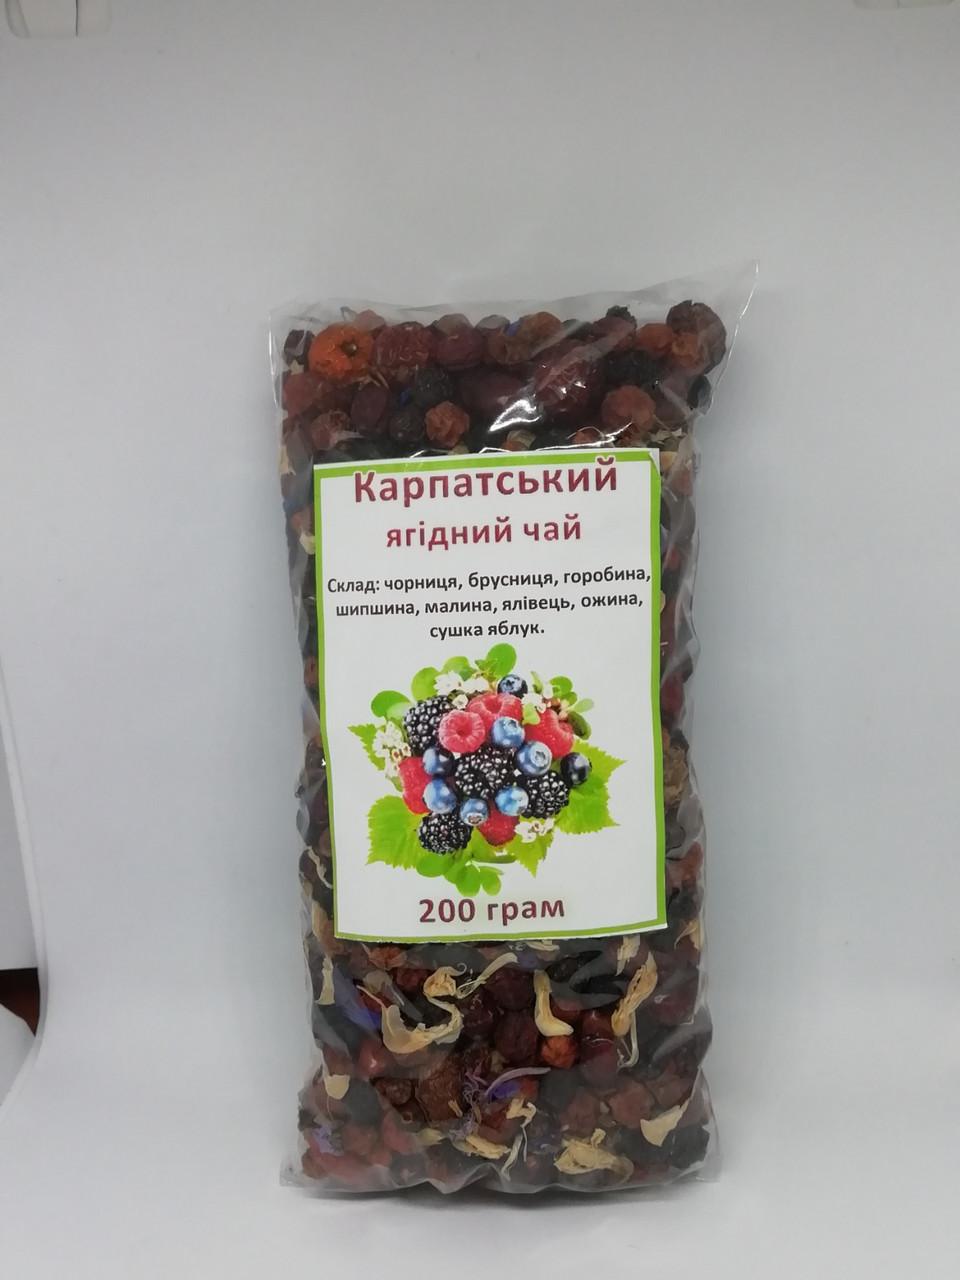 Чай карпатський ягідний 200 гр